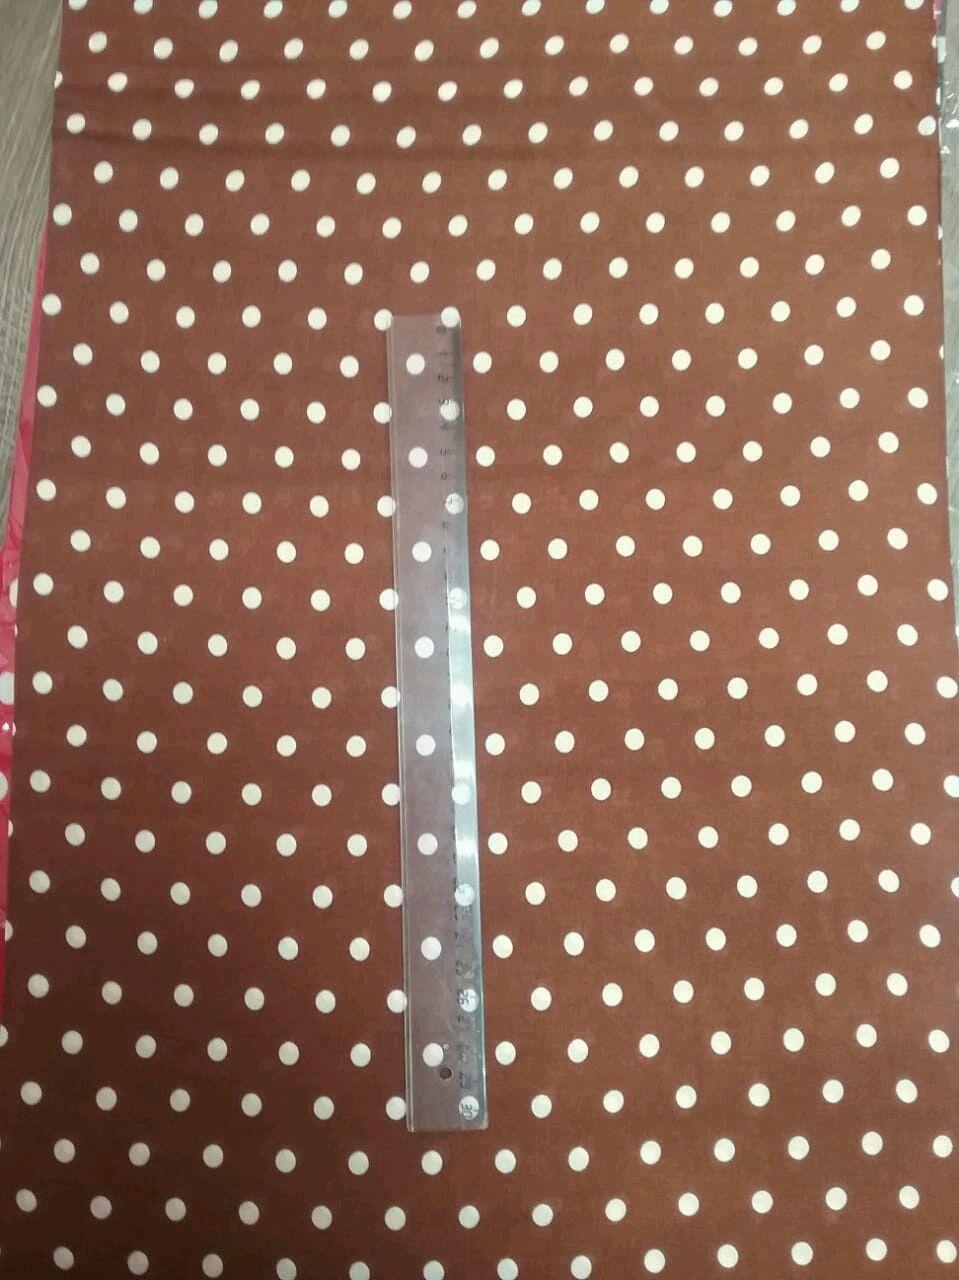 Ткань штапель горох  коричневый   НА 10.1, Ткани, Москва,  Фото №1